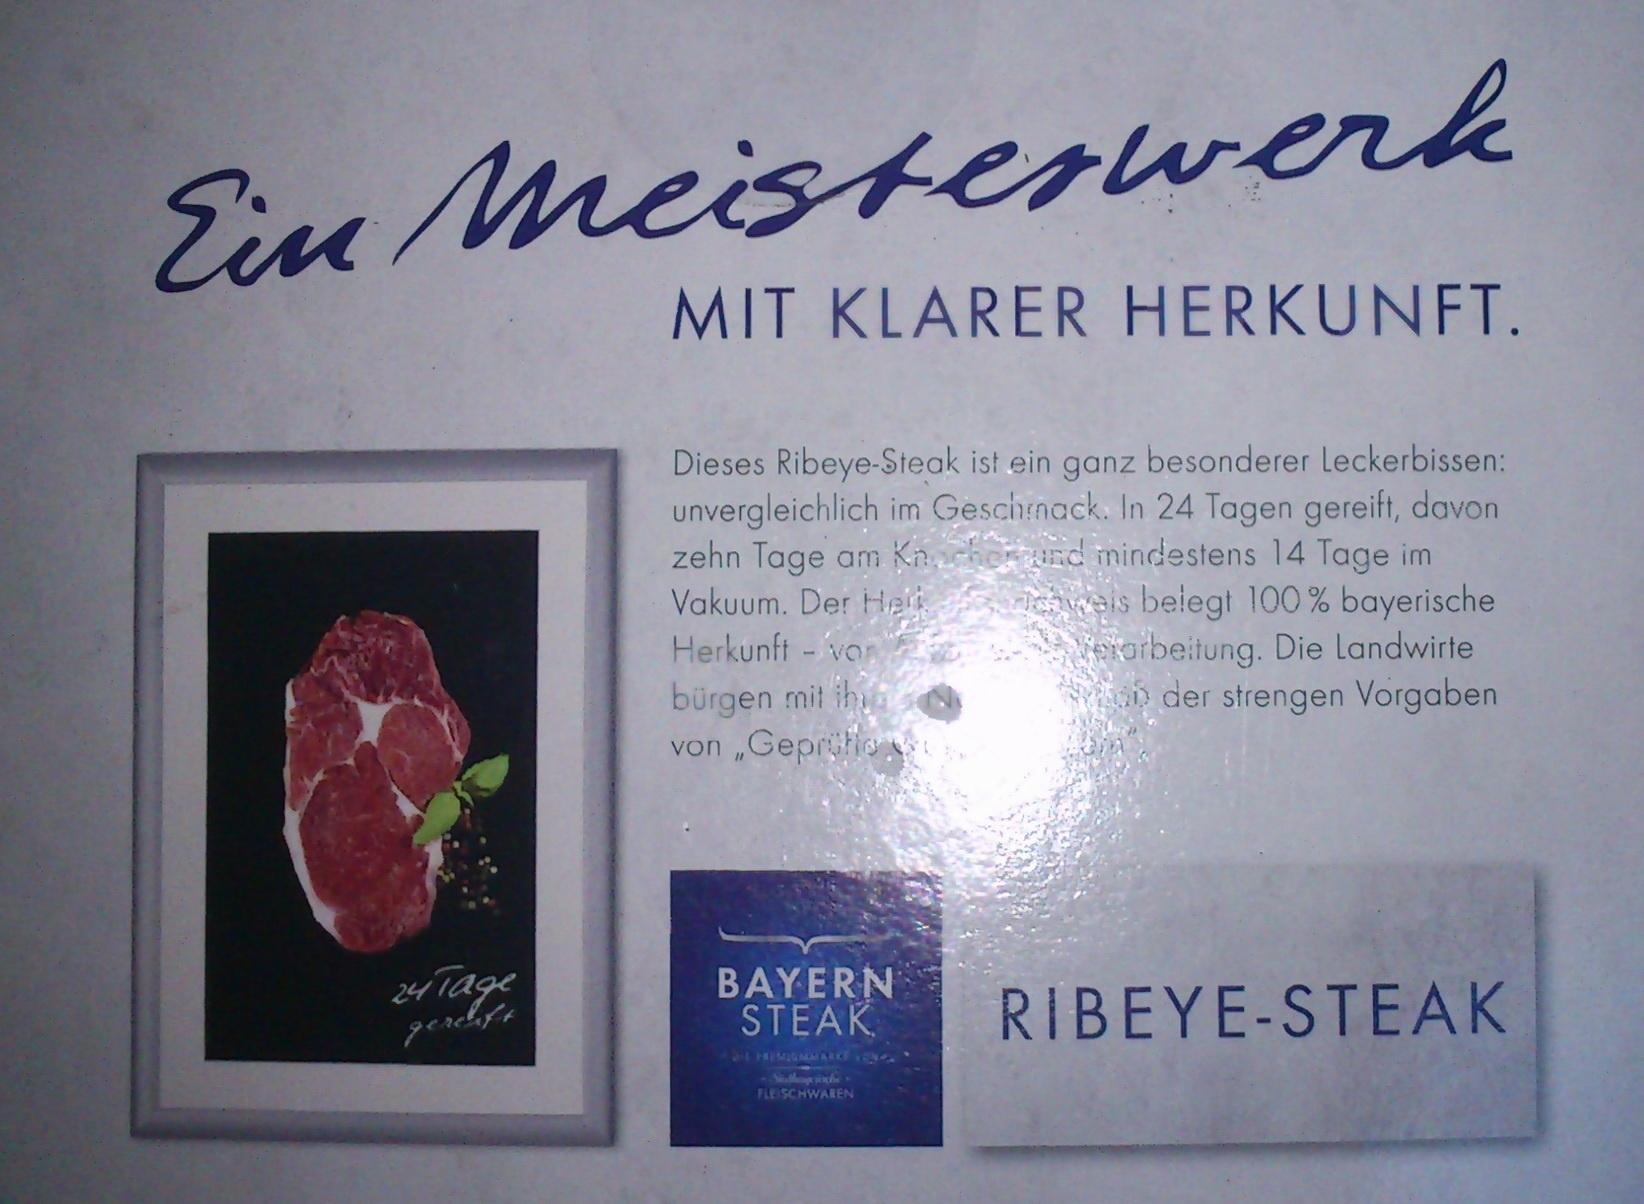 Ribeye-Steak - Ingredients - de